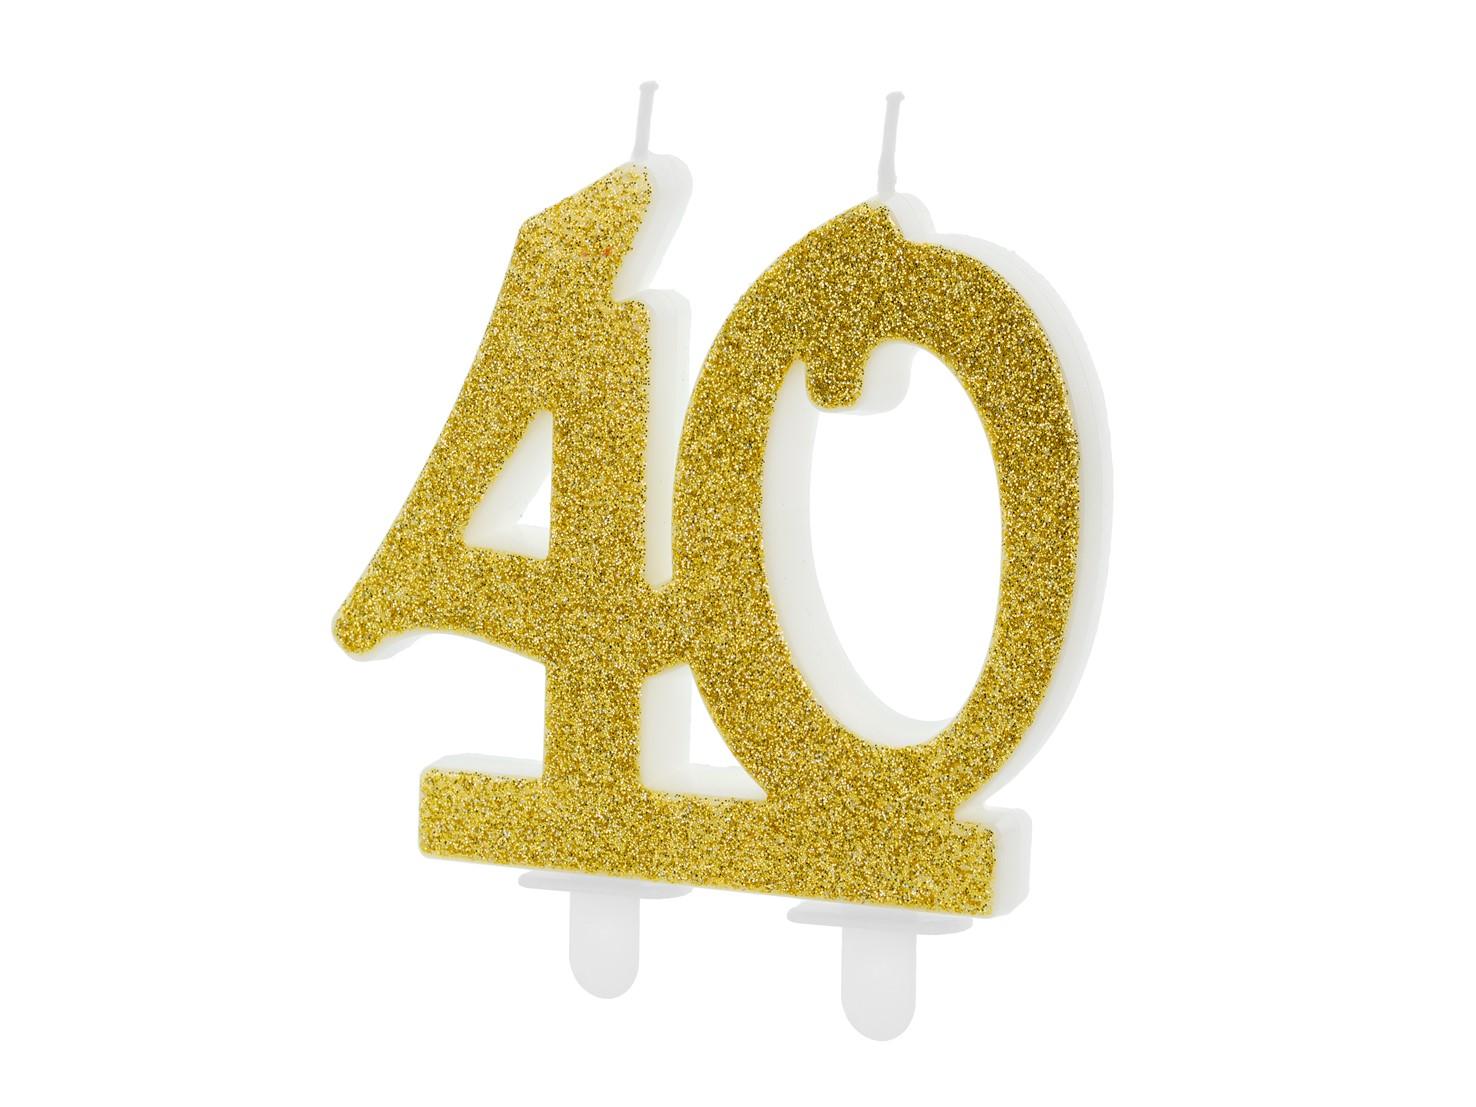 Κεράκι Αριθμός 40 Χρυσό με Γκλίτερ